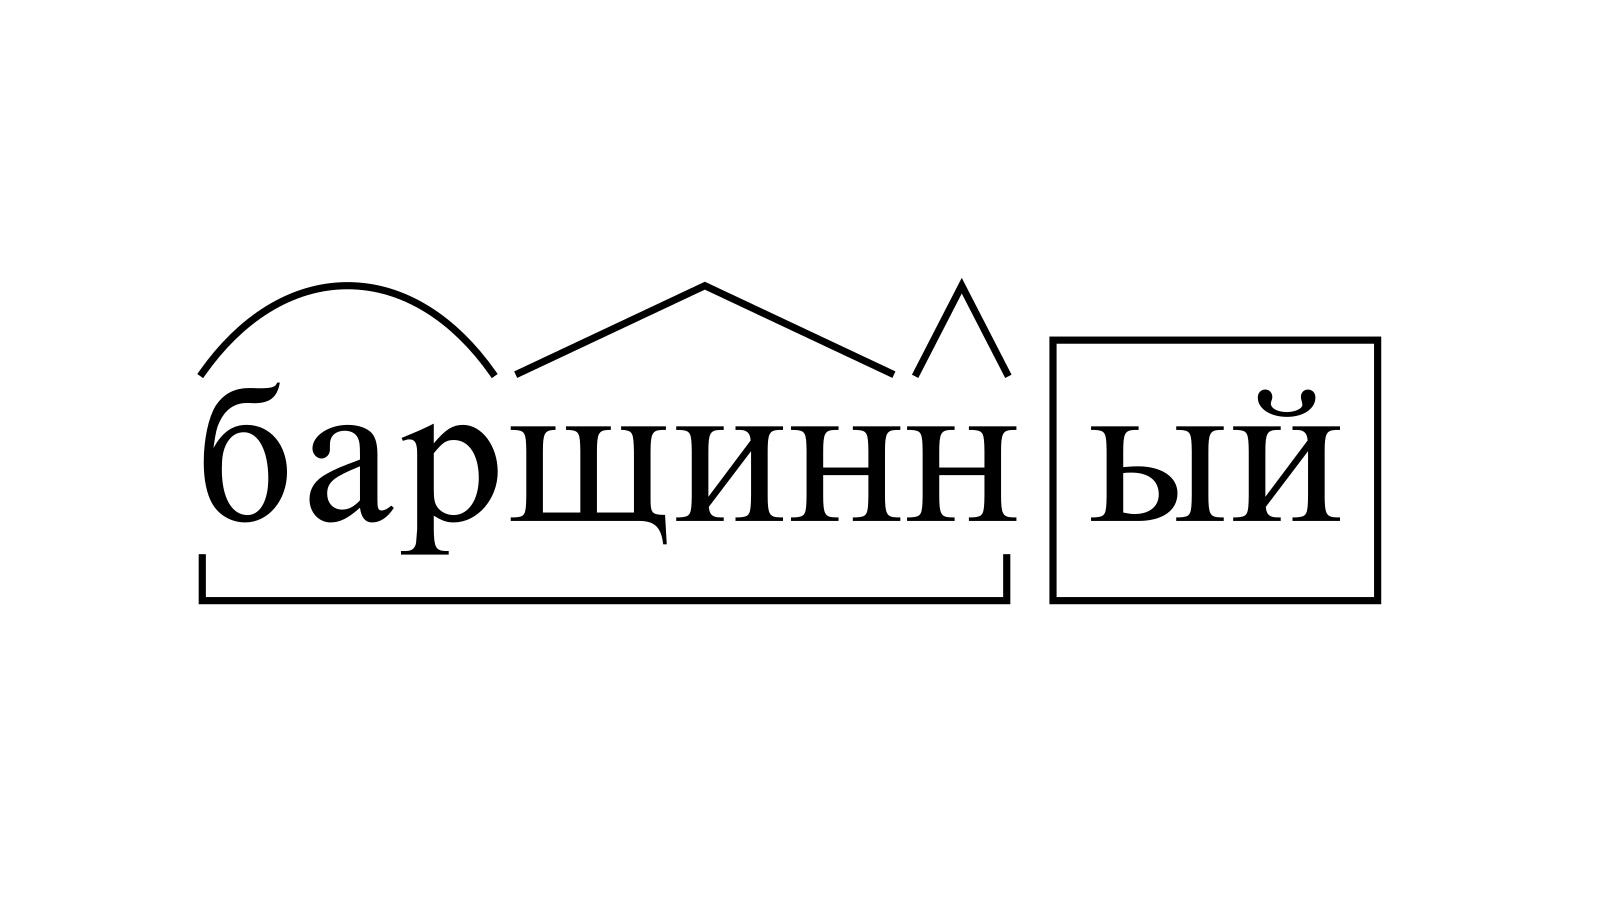 Разбор слова «барщинный» по составу